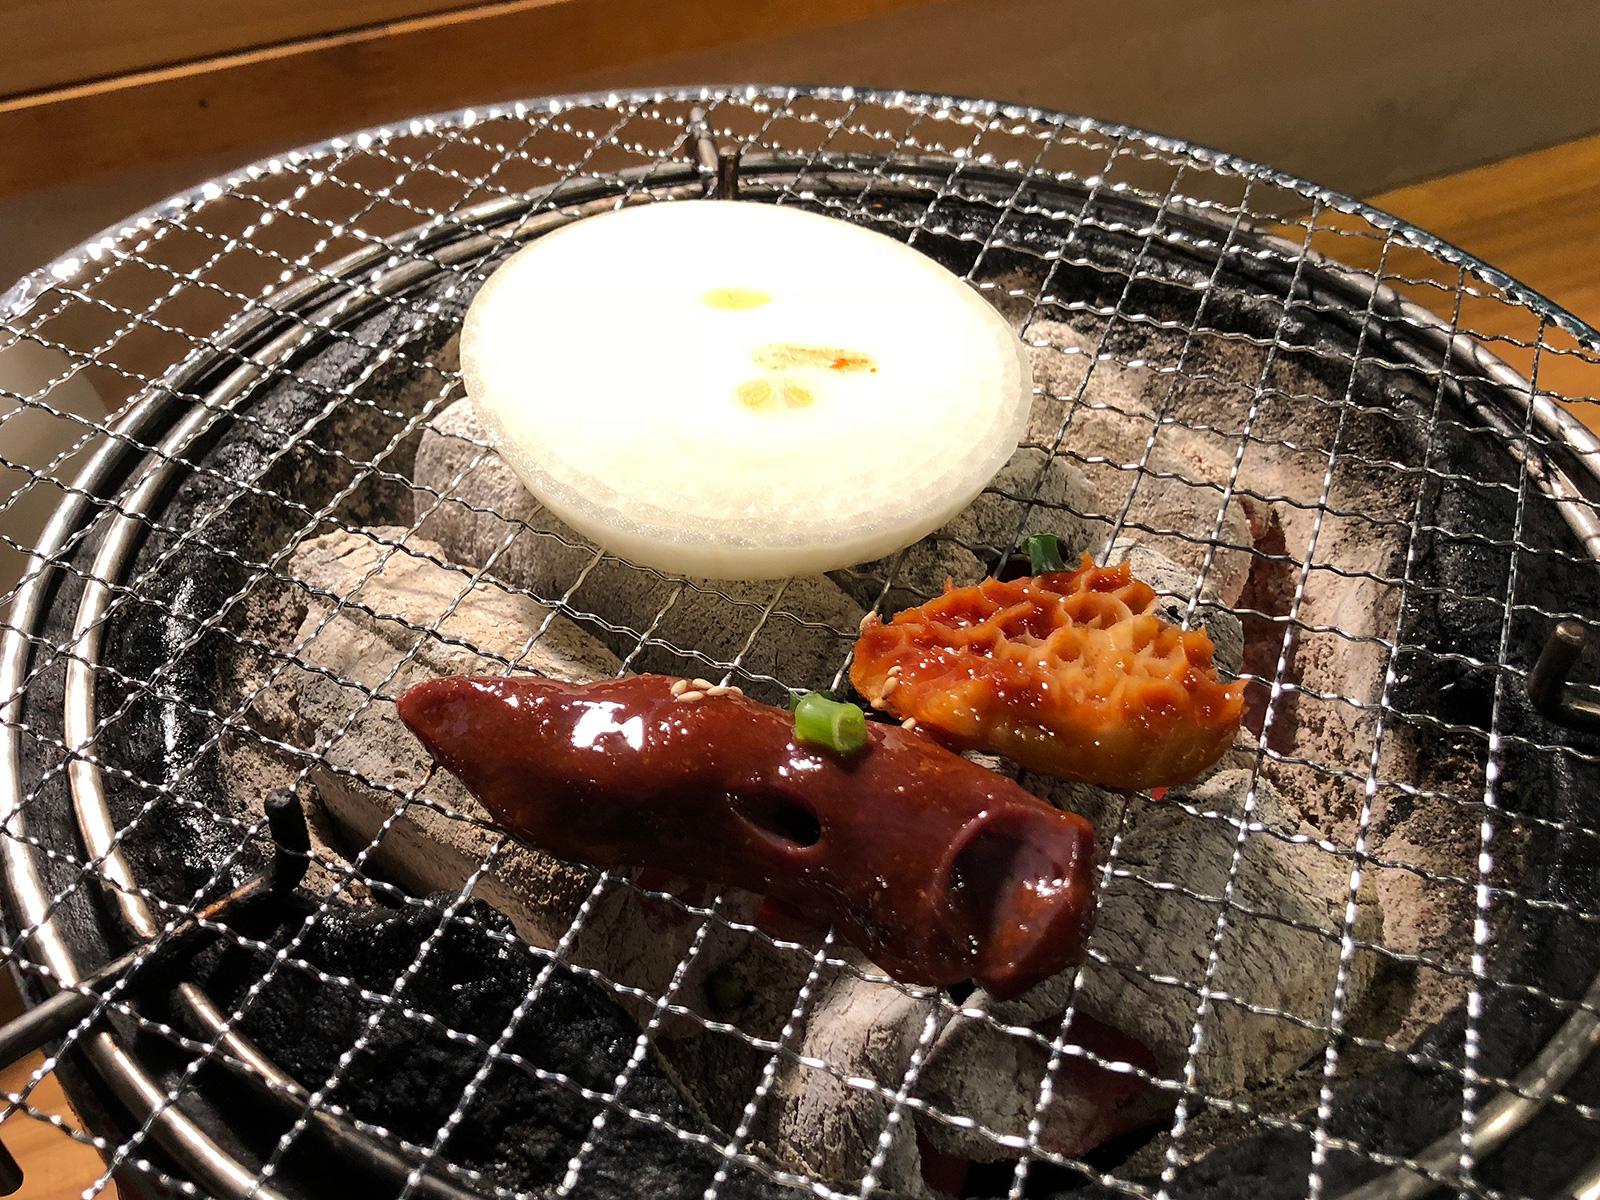 「炭火焼肉・ホルモン さらえ亭」のハチノスとレバーと辛口とんちゃん @清須市下小田井